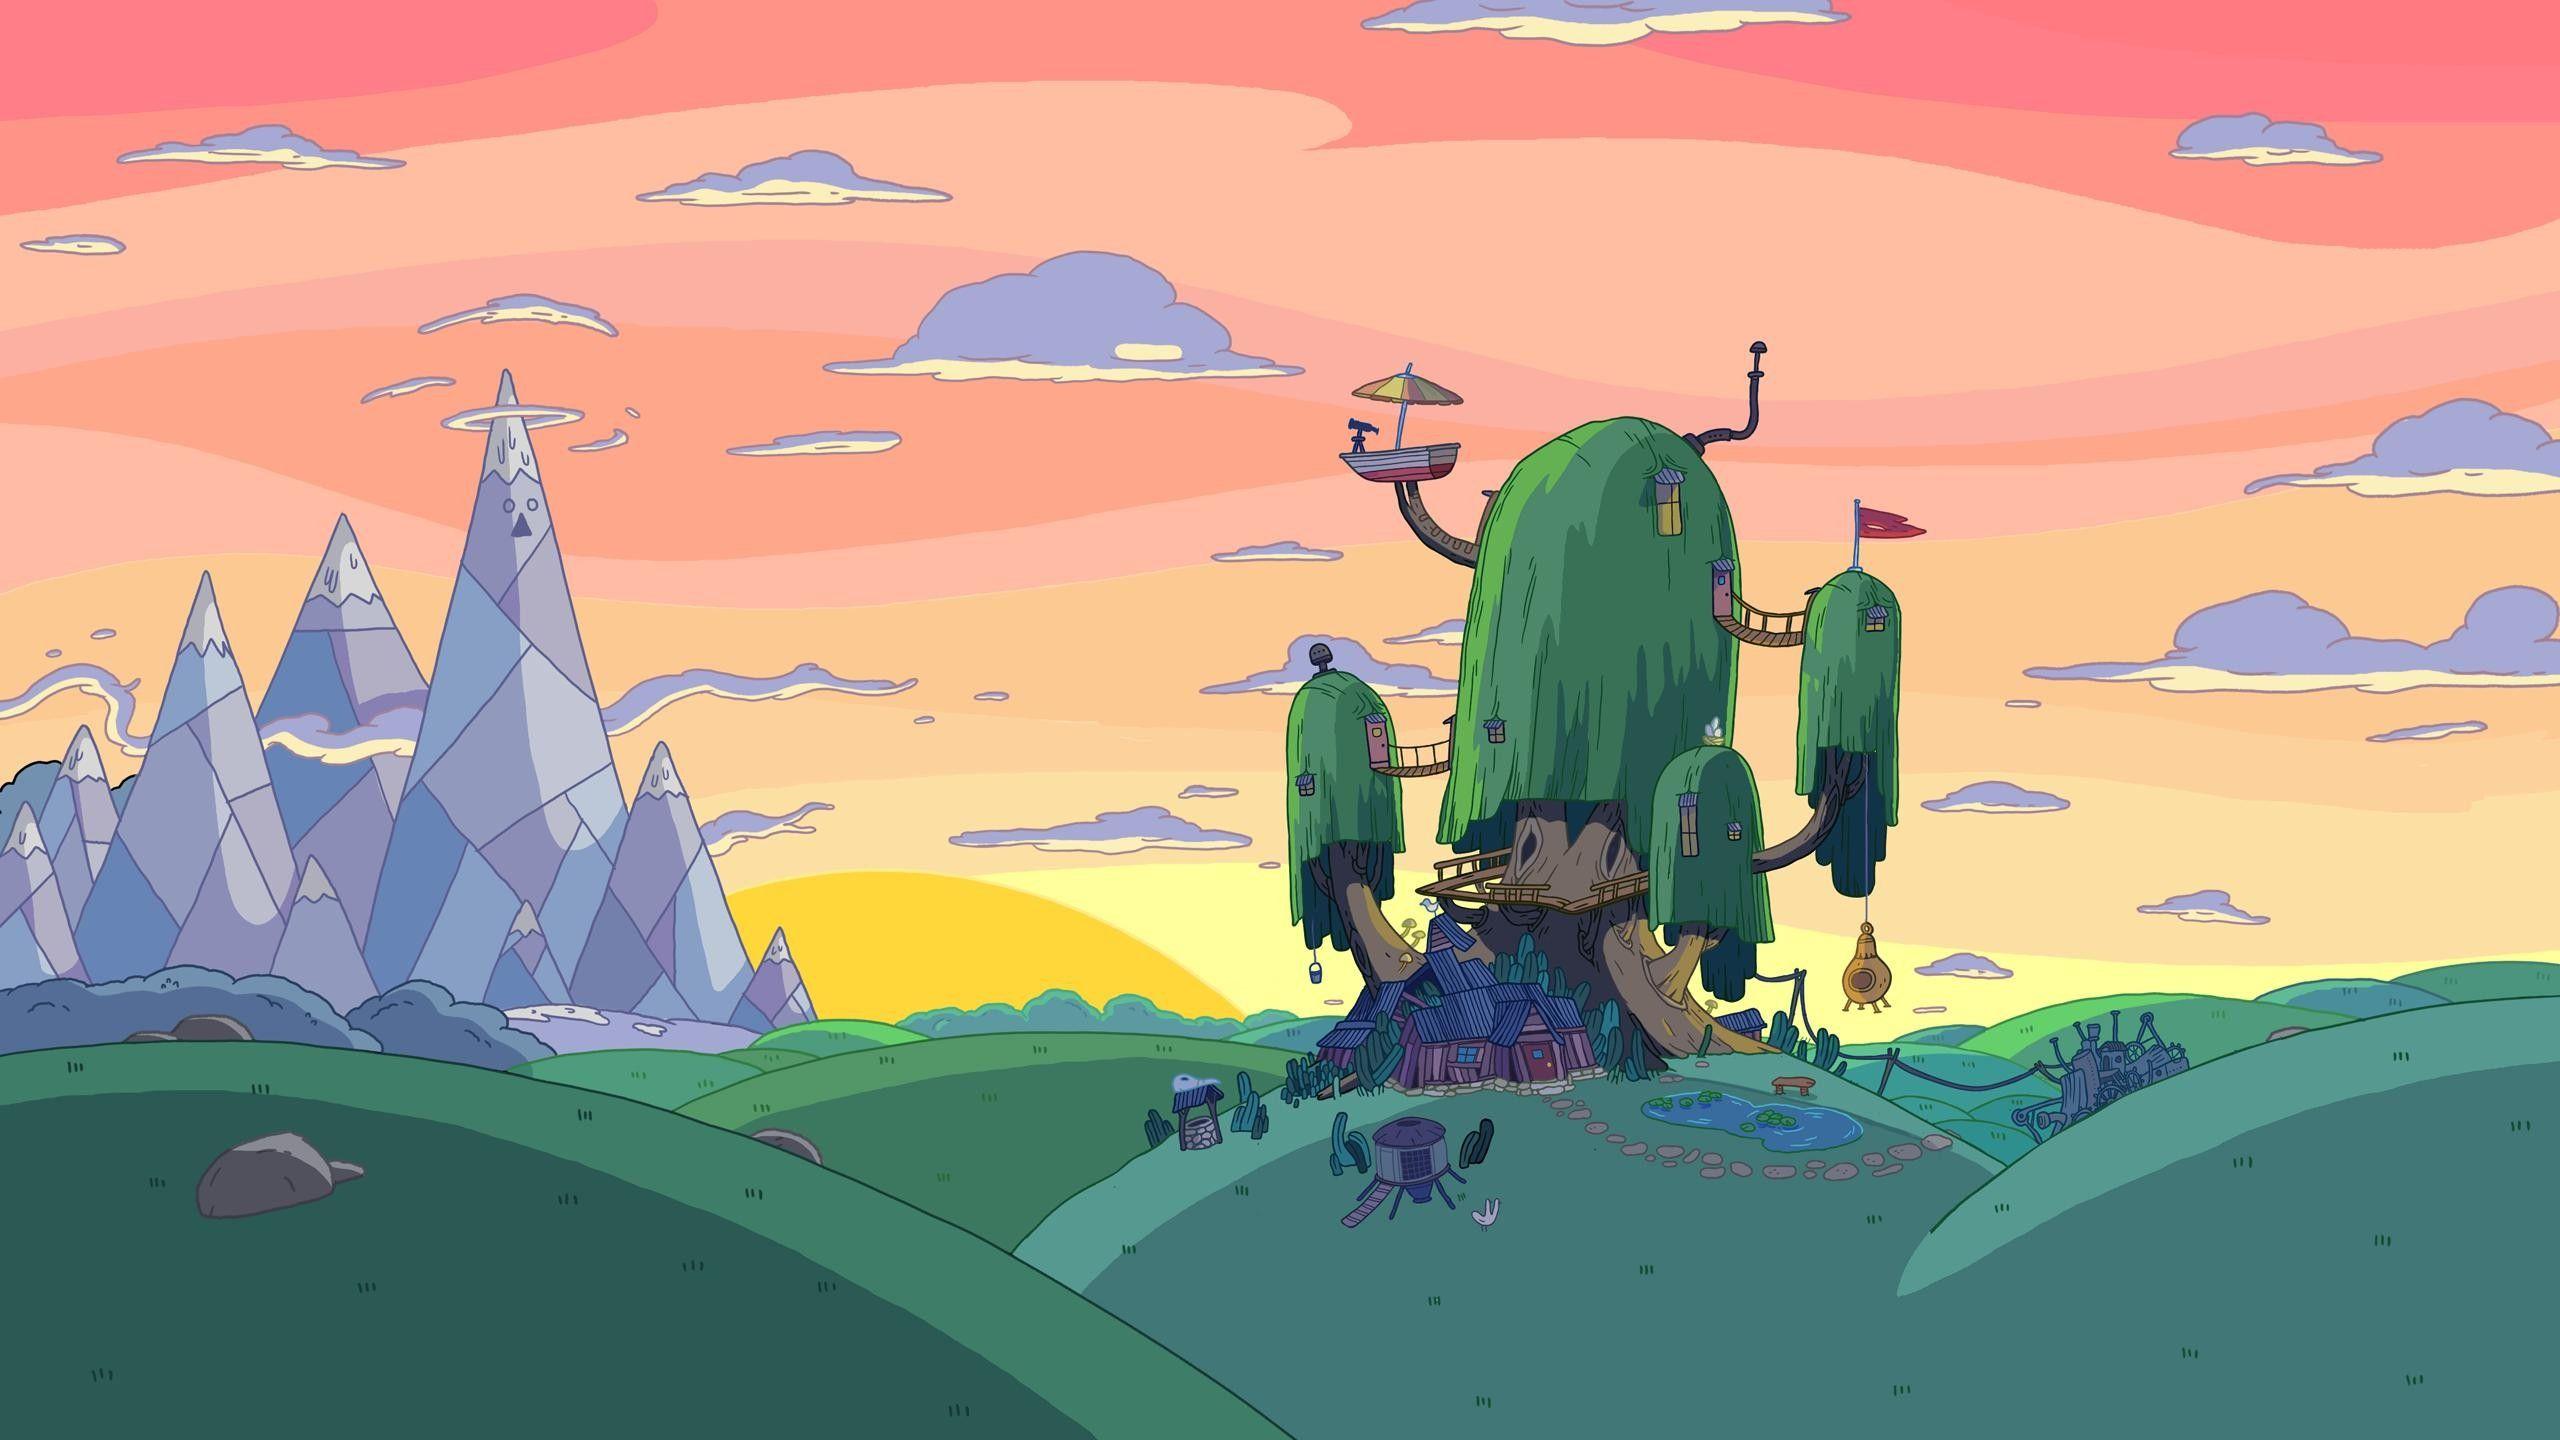 2560 X 1440 Wallpaper Dump Adventure Time Wallpaper Adventure Time Background Adventure Time Iphone Wallpaper